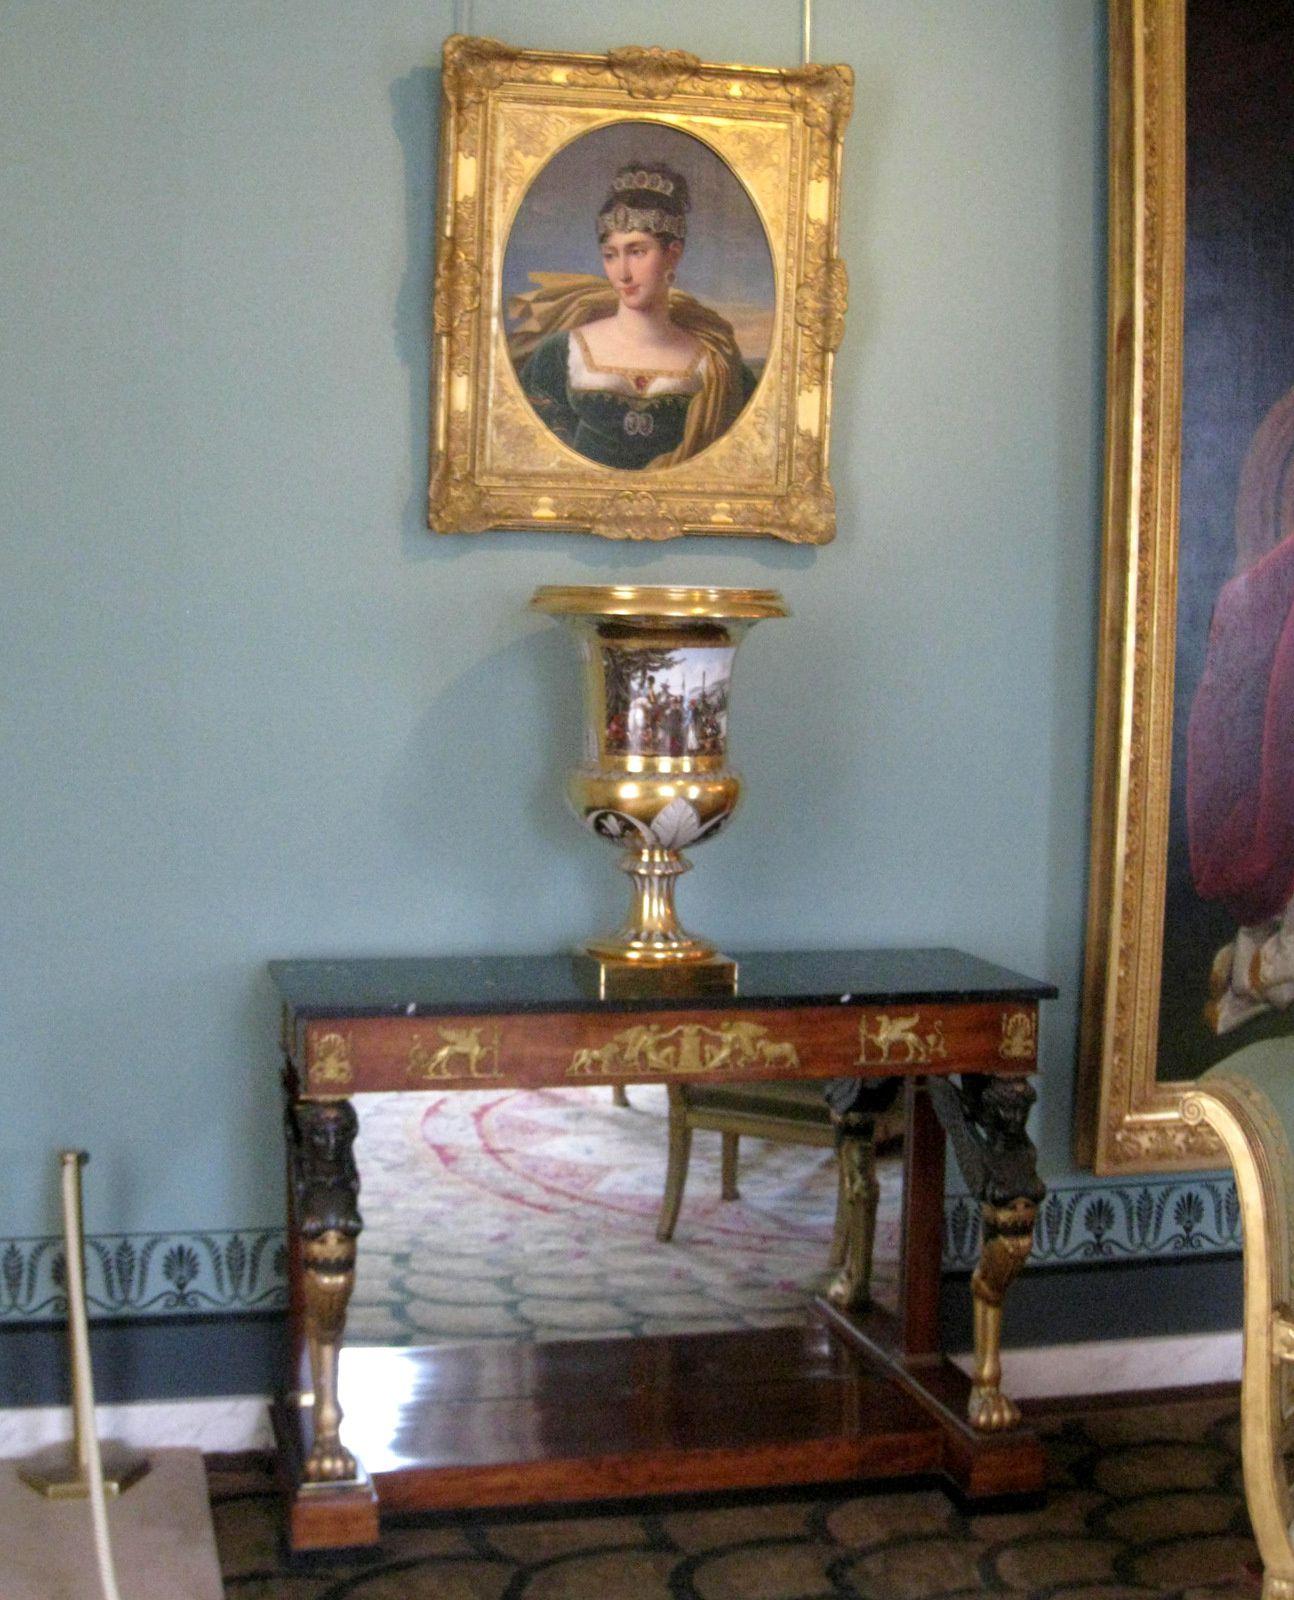 Tableaux du Salon de l'Empereur (2/2), château de Malmaison